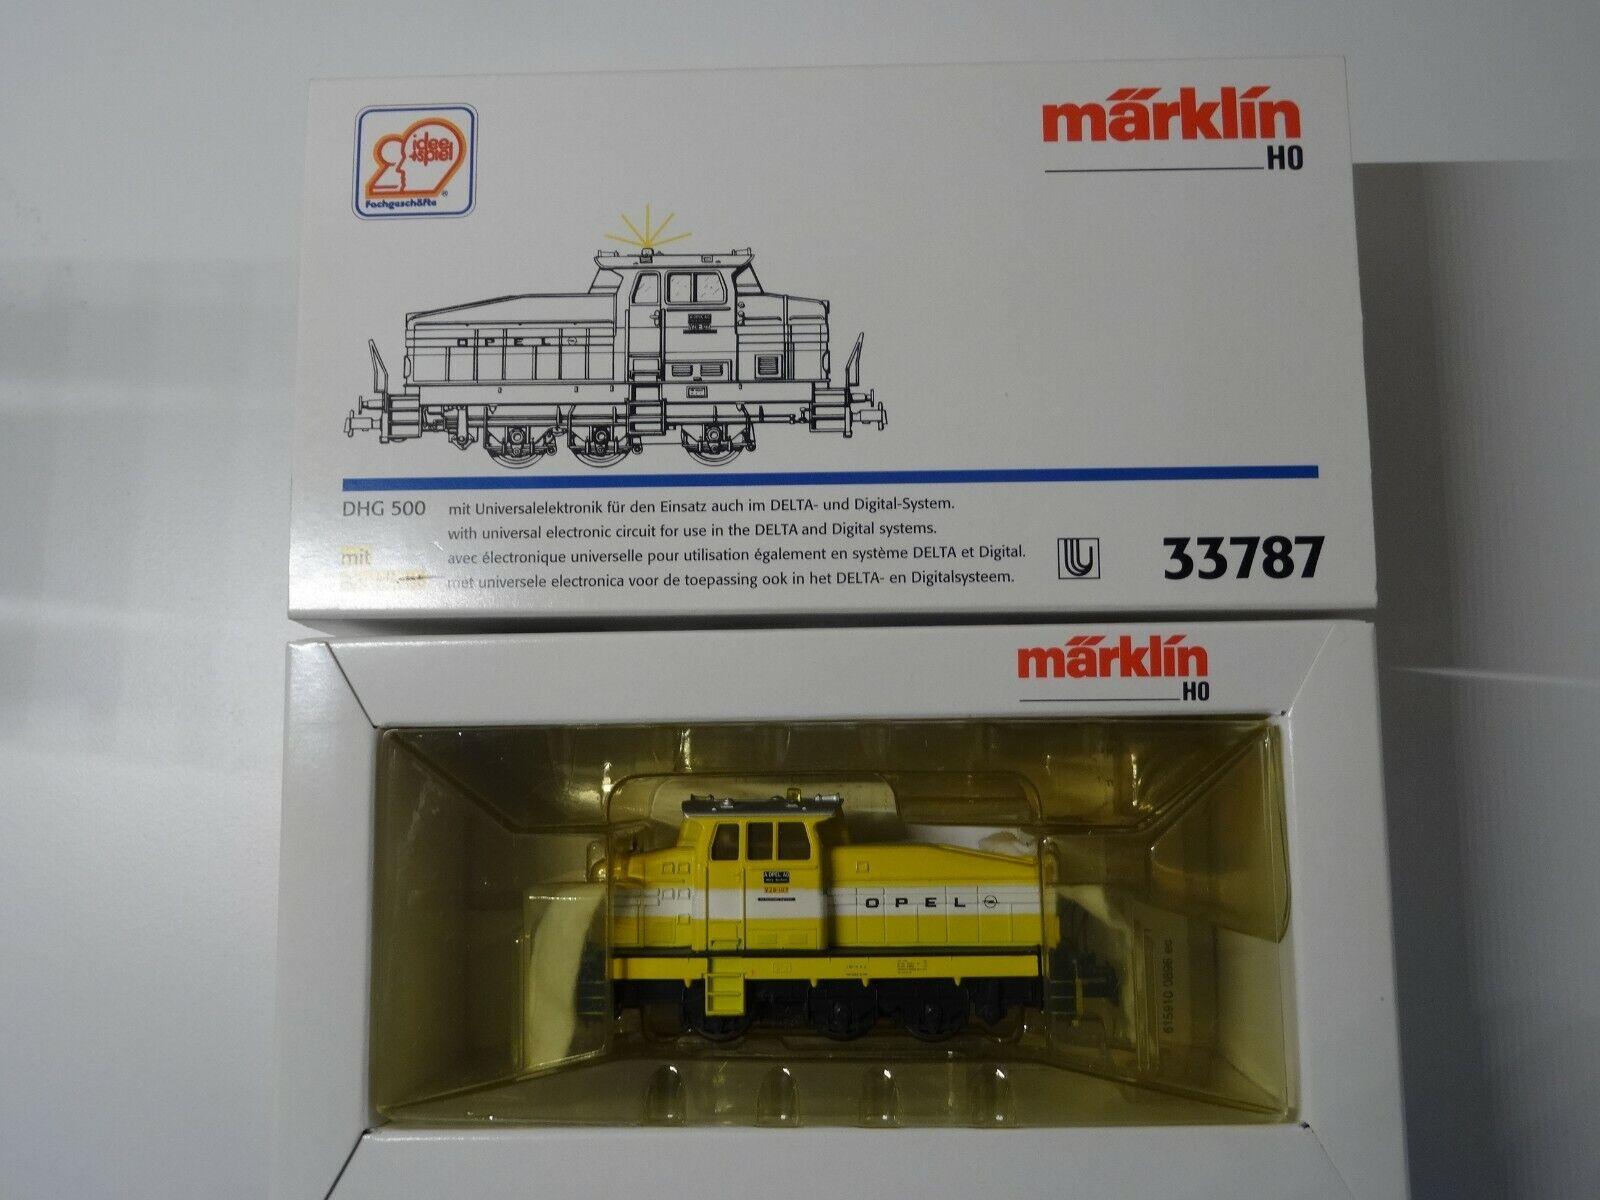 Märklin HO ART 33787 diesel DHG 500 con segnalatori lampeggianti, così-SERIE eeuro OVP NUOVO